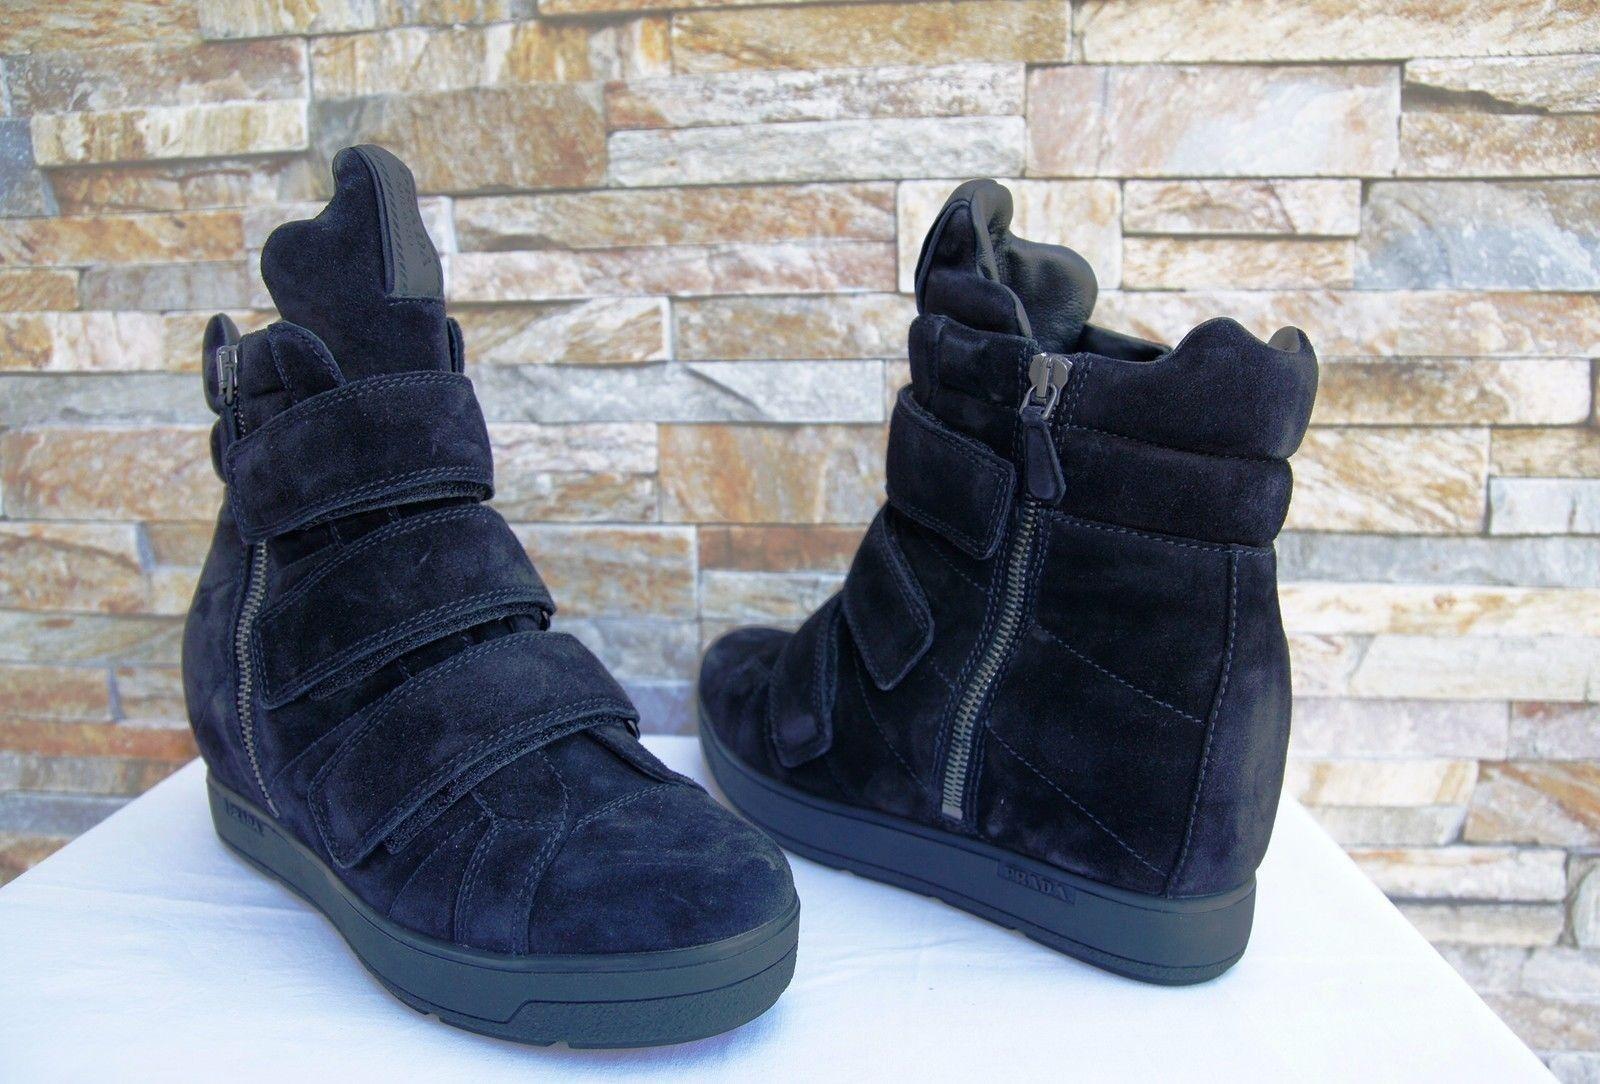 PRADA PRADA PRADA Gr 35 Stiefeletten Stiefelies Schuhe 3TZ035 Velours schwarz neu ehem   722b78